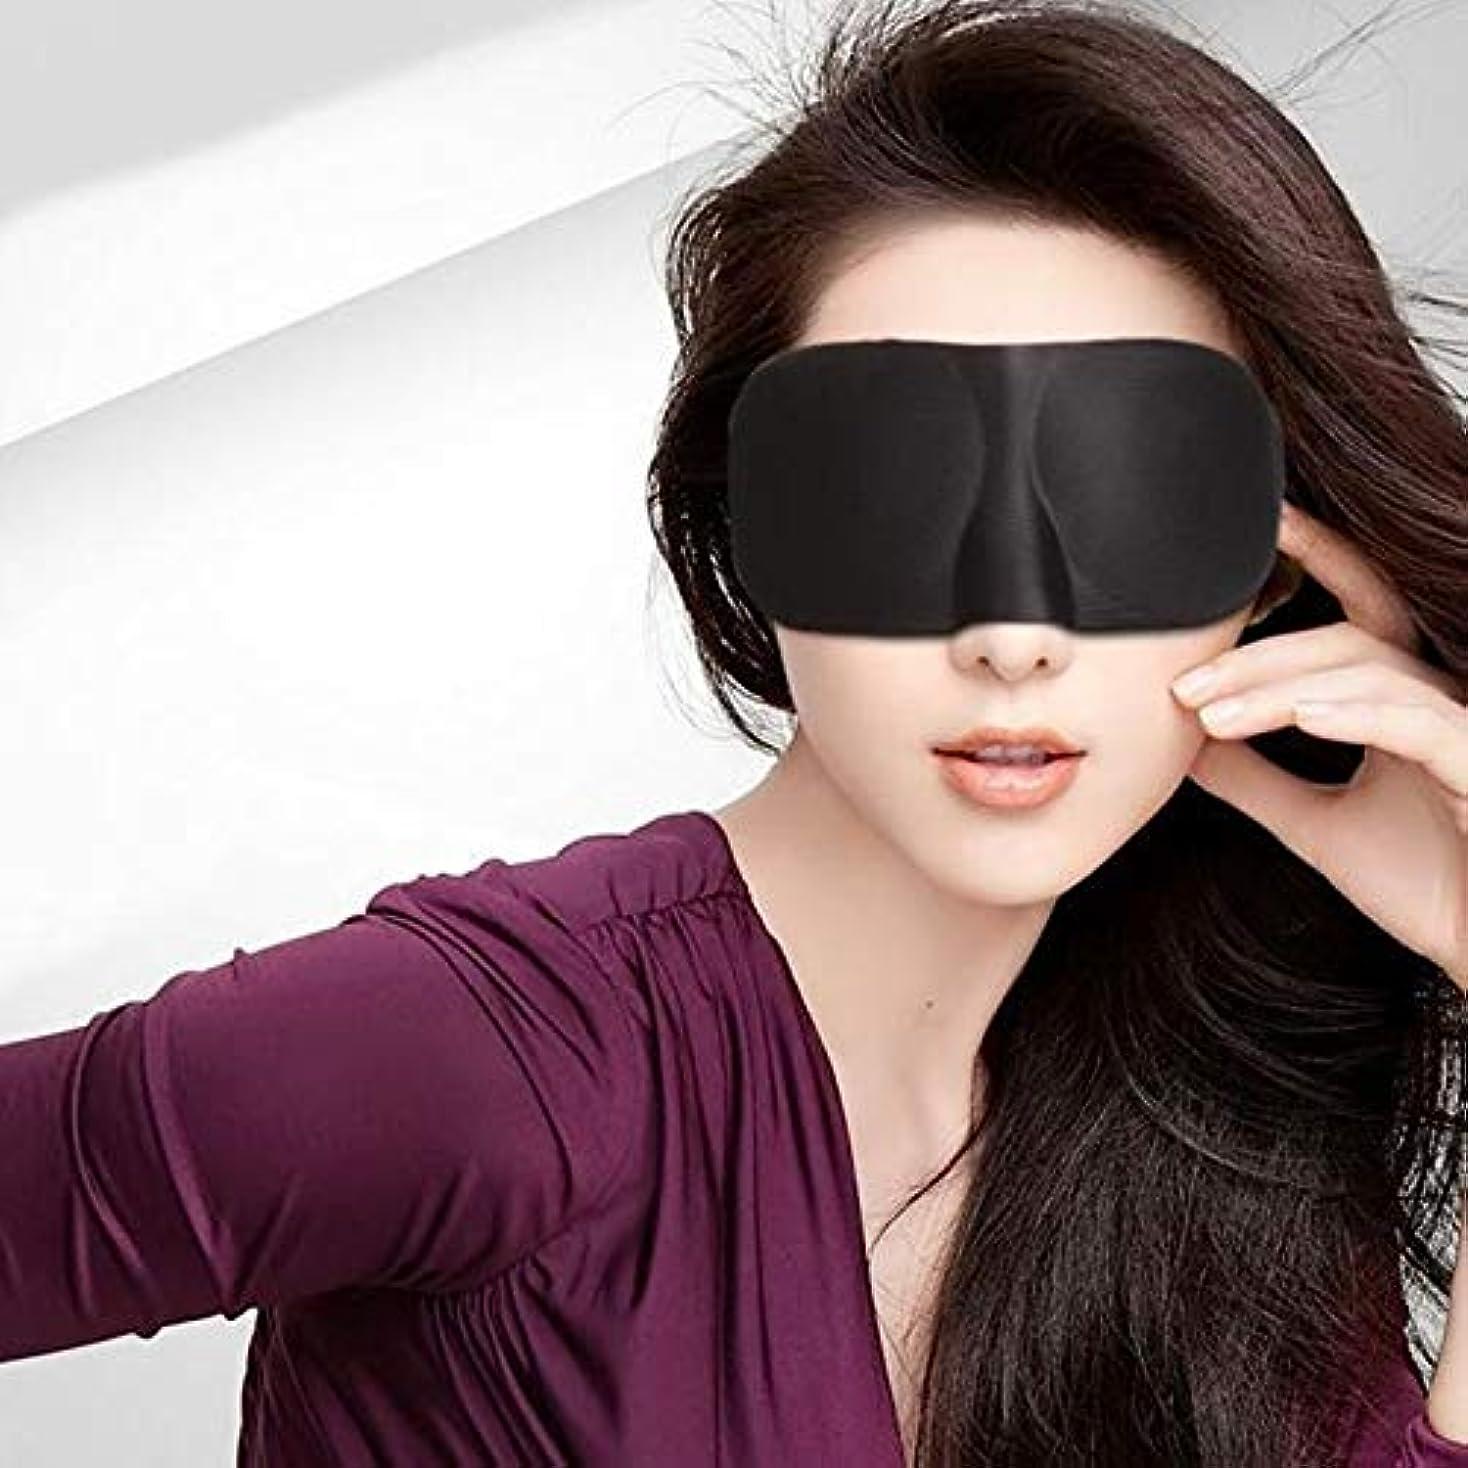 こするブリーク協力する注1ピース3d睡眠マスクソフトアイマスクカバーポータブル旅行睡眠アイシェードブラインドアイパッチエイドリラックス休憩目隠しアイパッチ